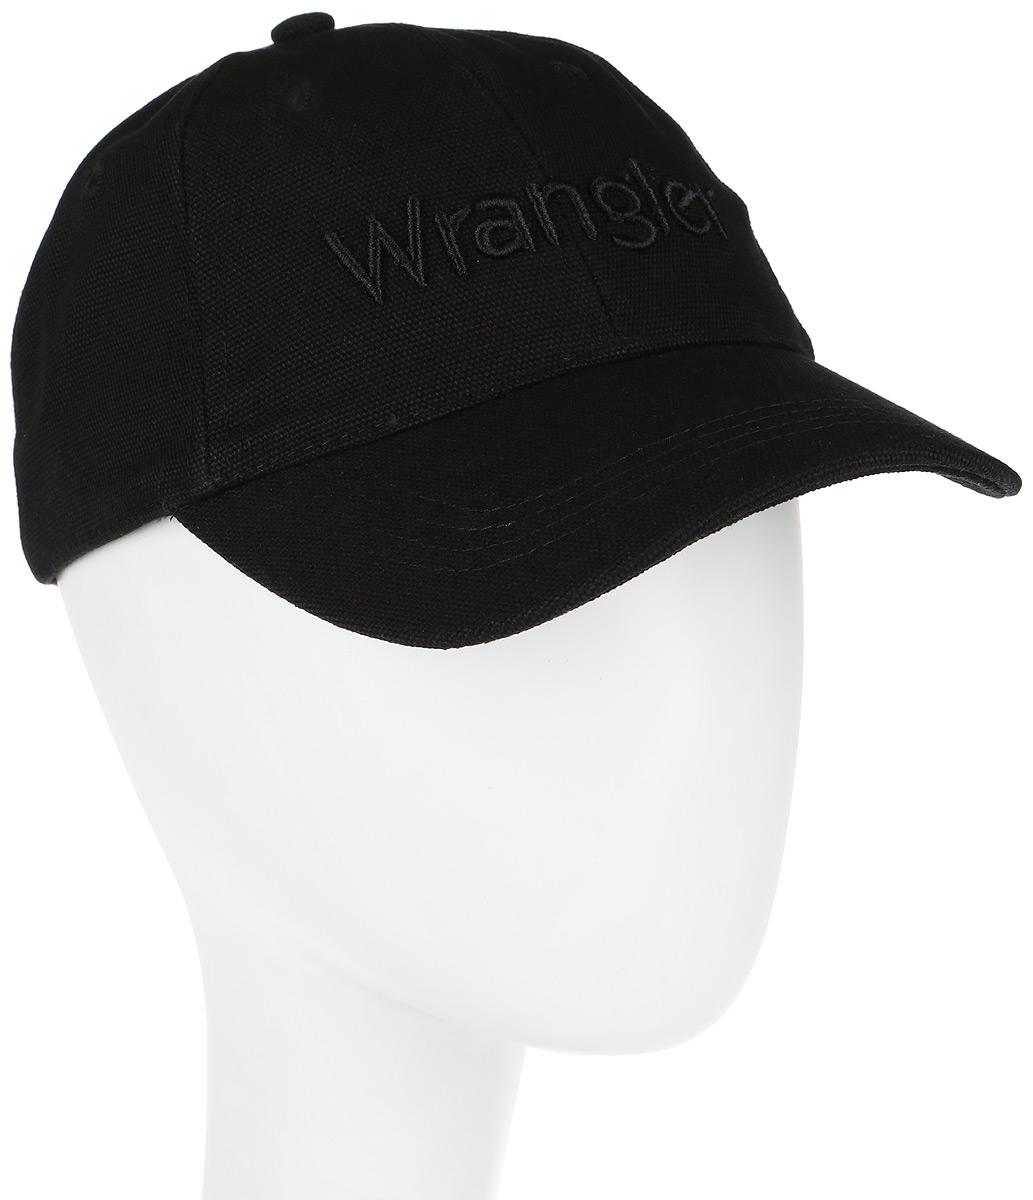 Бейсболка мужская Wrangler, цвет: черный. W0M16U501. Размер универсальныйW0M16U501Мужская бейсболка Wrangler выполнена из натурального хлопка и имеет жесткий закругленный козырек. Модель дополнена специальными отверстиями, обеспечивающими необходимую вентиляцию. Бейсболка оформлена вышивкой в виде логотипа бренда спереди. Объем бейсболки регулируется при помощи хлястиков c кнопками и перфорацией.